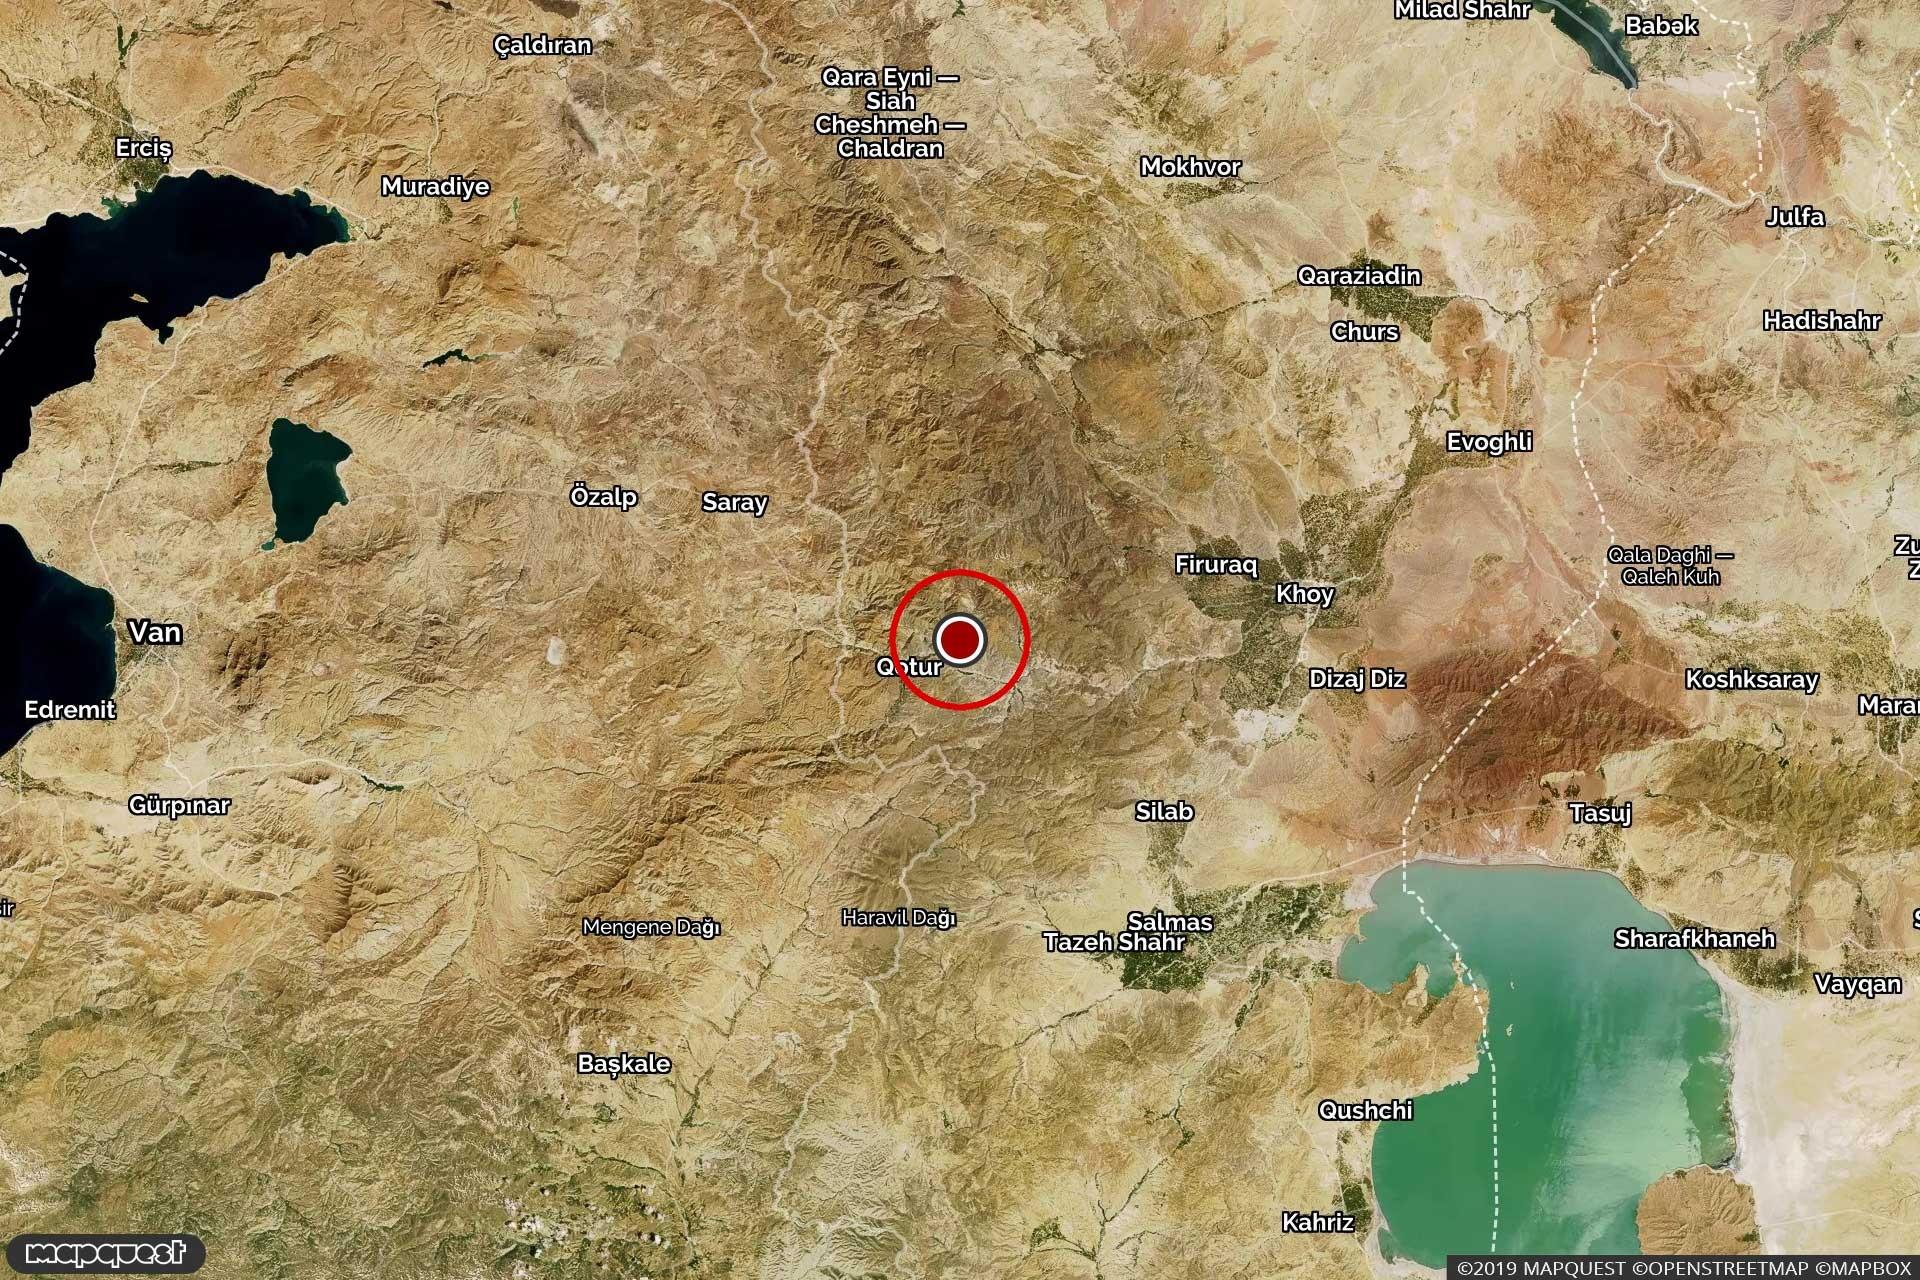 İran Khoy'da meydana gelen depremi gösteren harita.